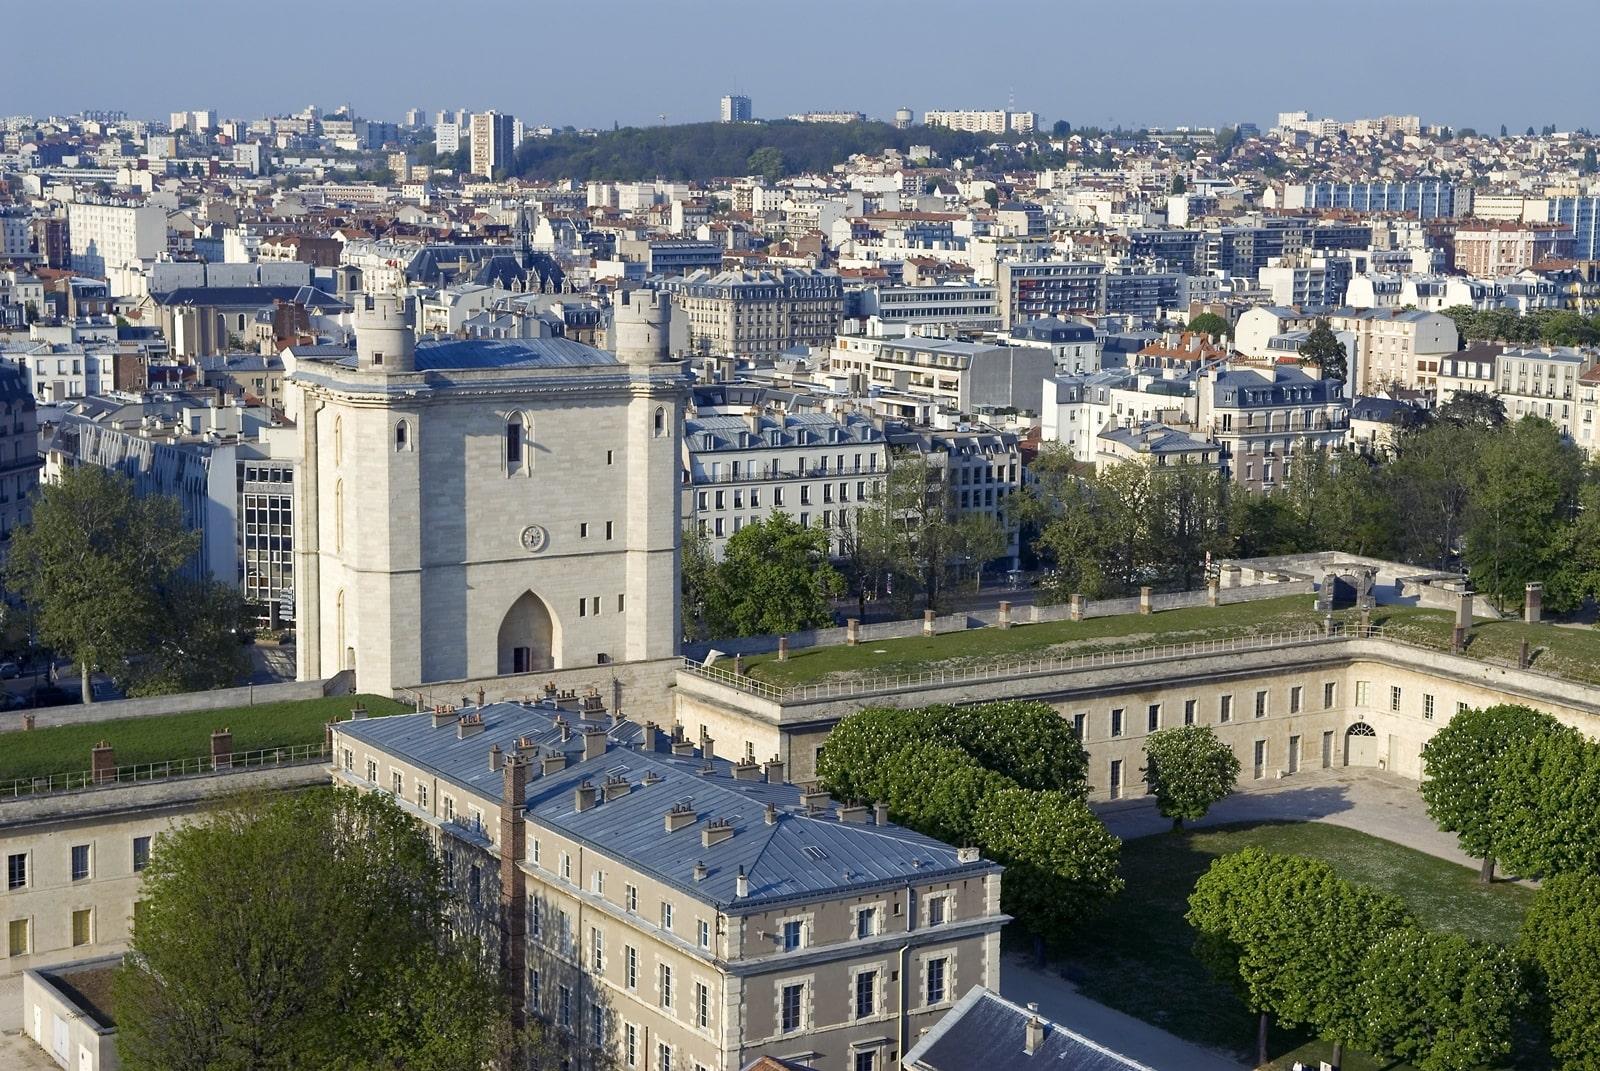 Chateau-Vincennes-3-2